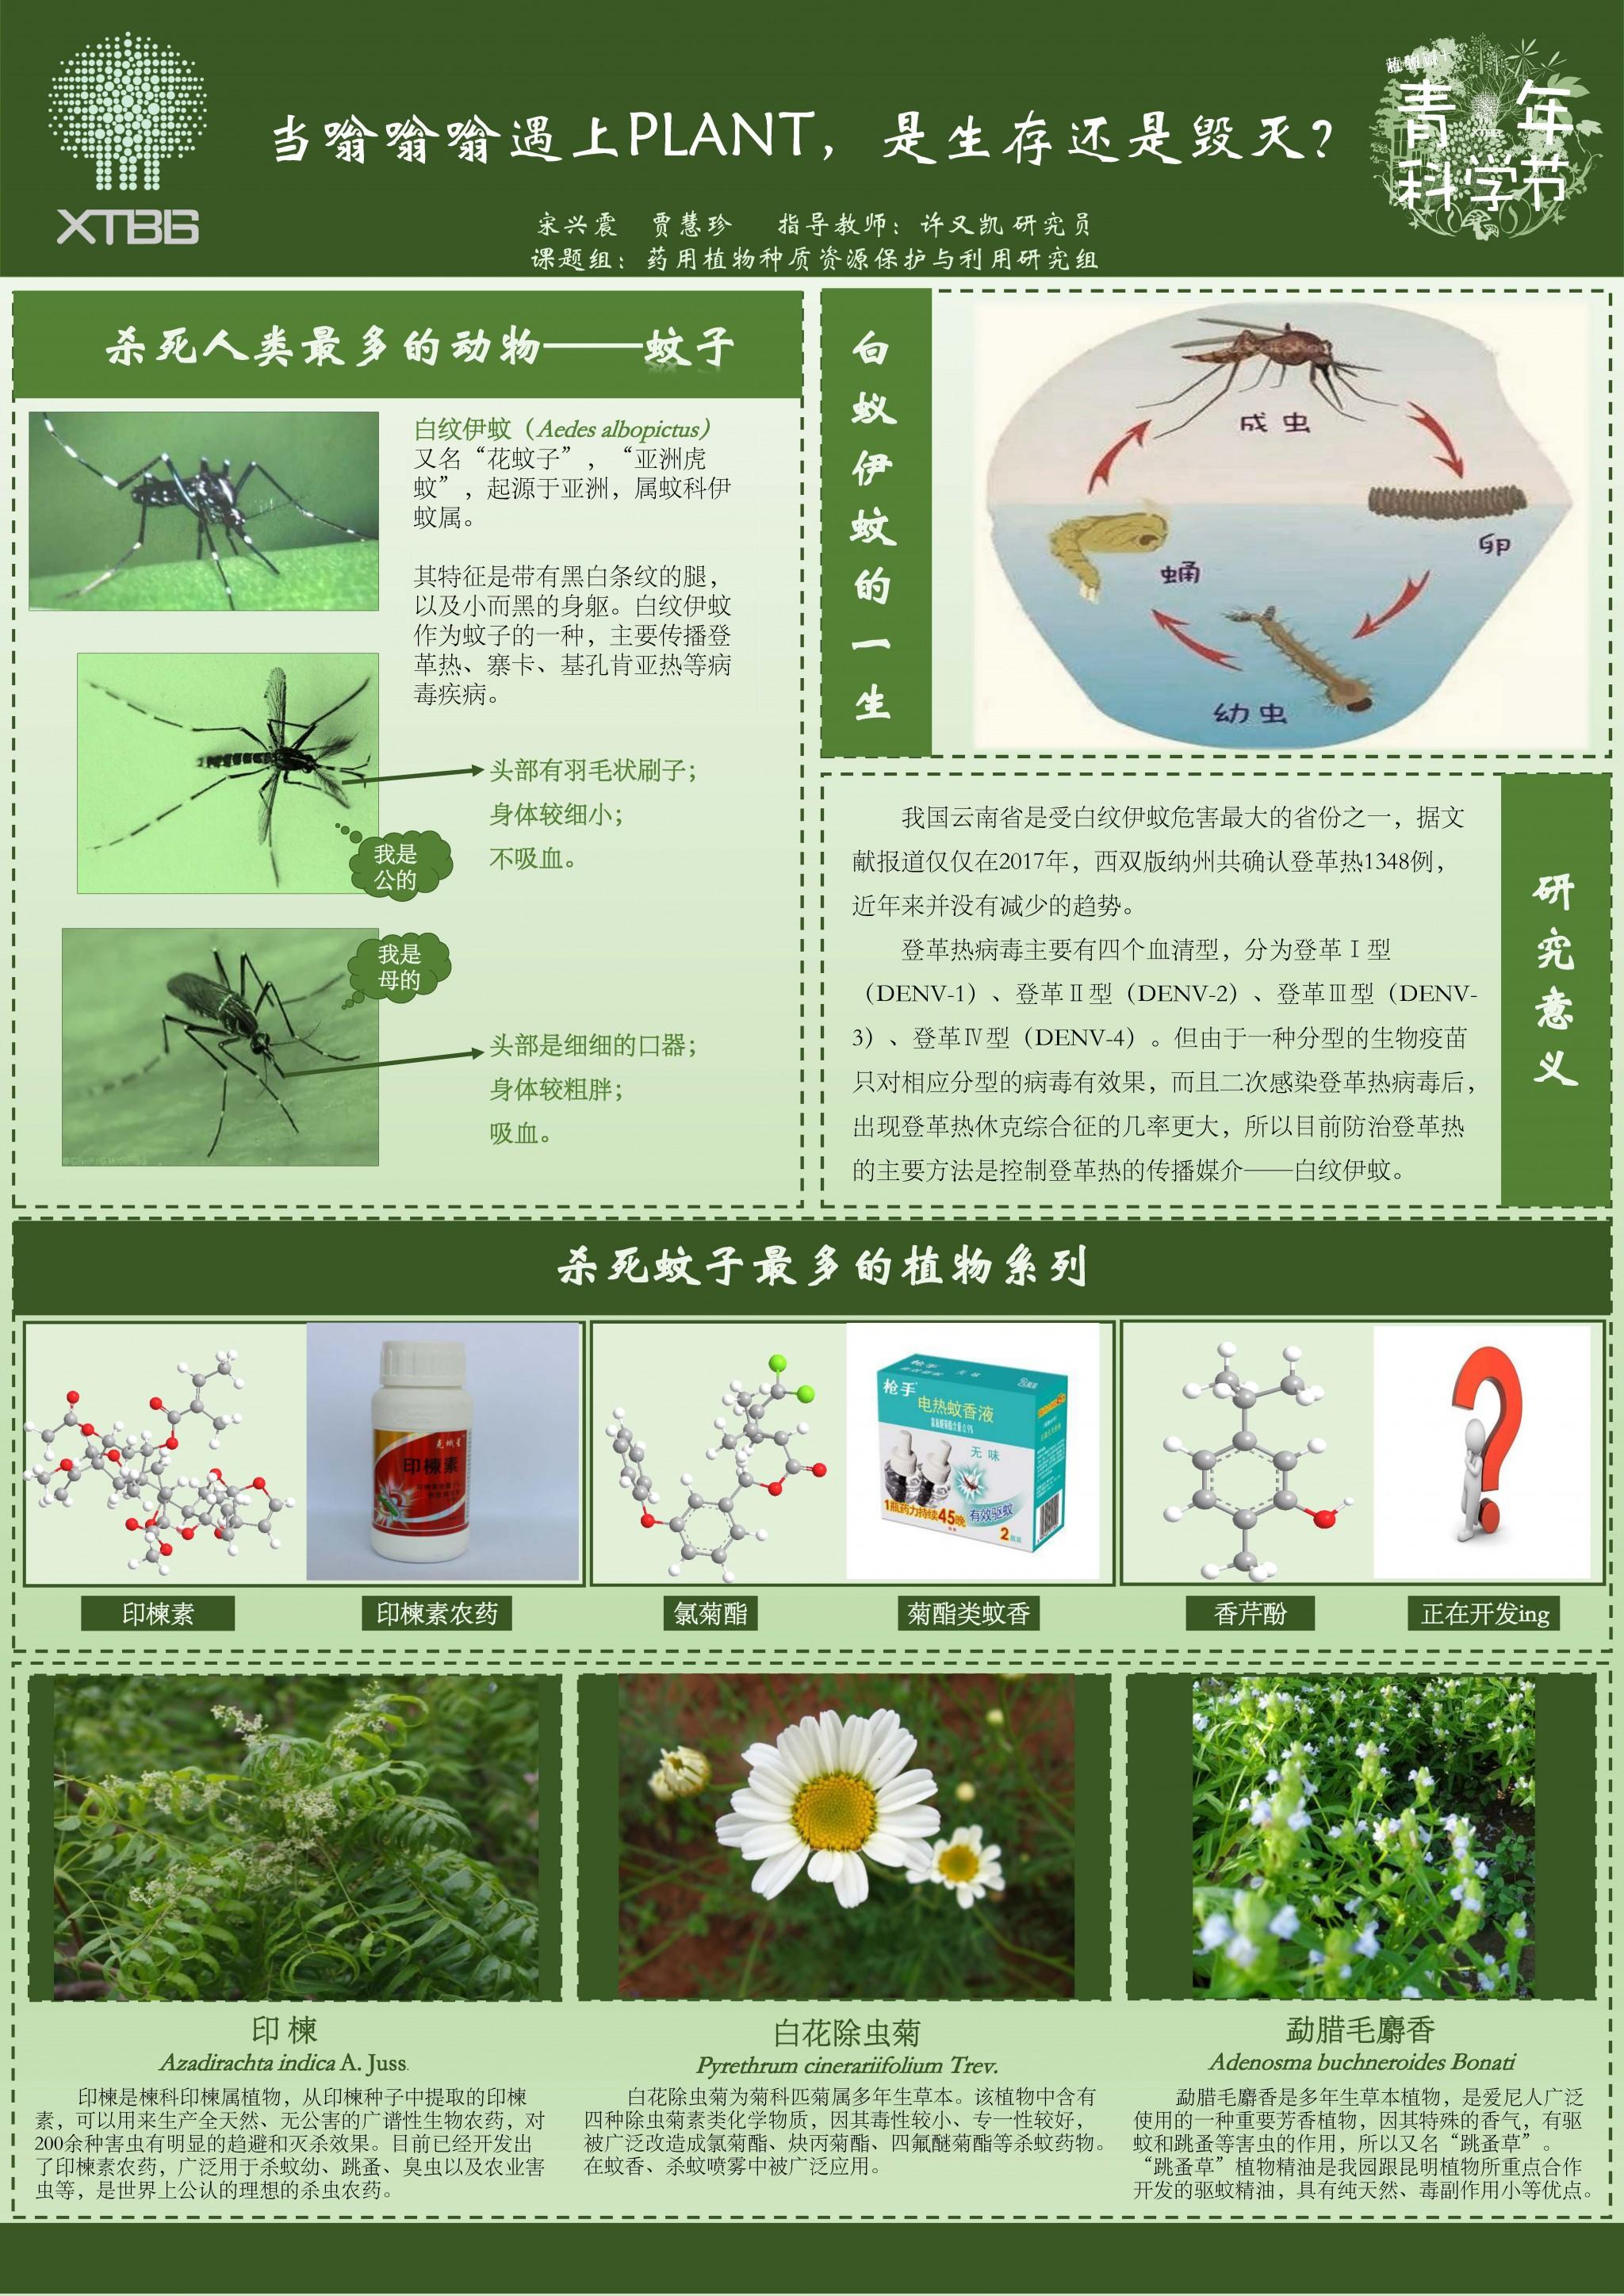 5-5 贾珍慧_当嗡嗡嗡遇上PLANT,是生存还是毁灭?